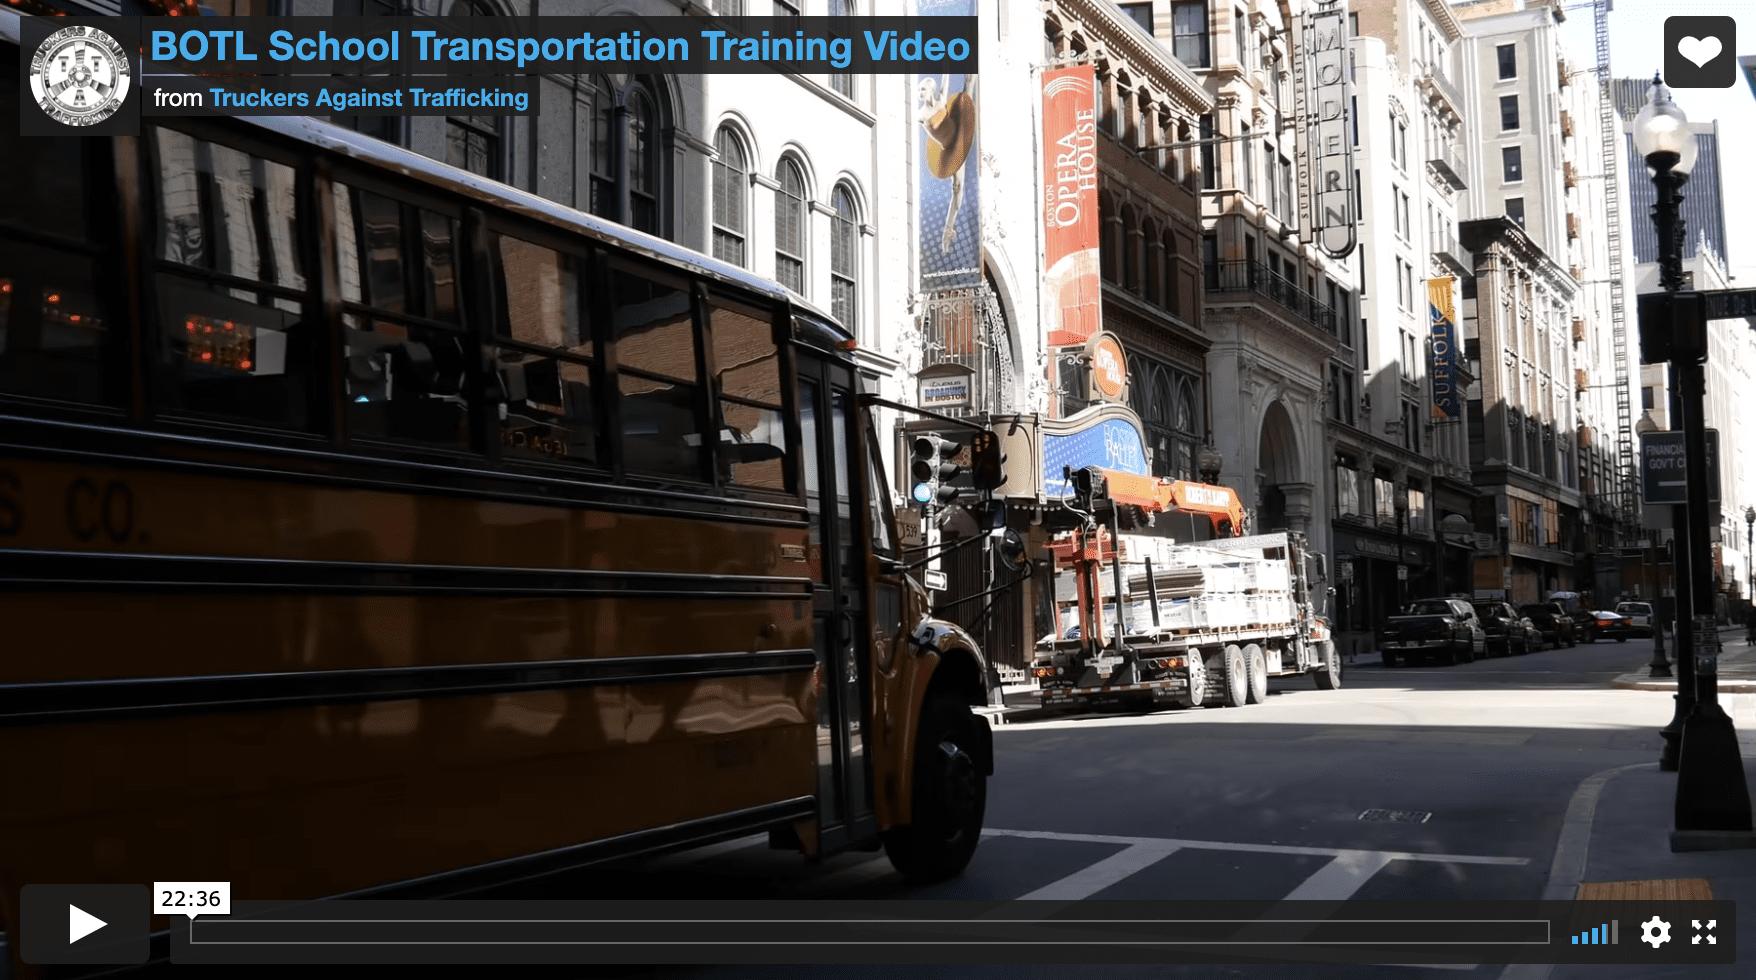 School Transportation Training Video